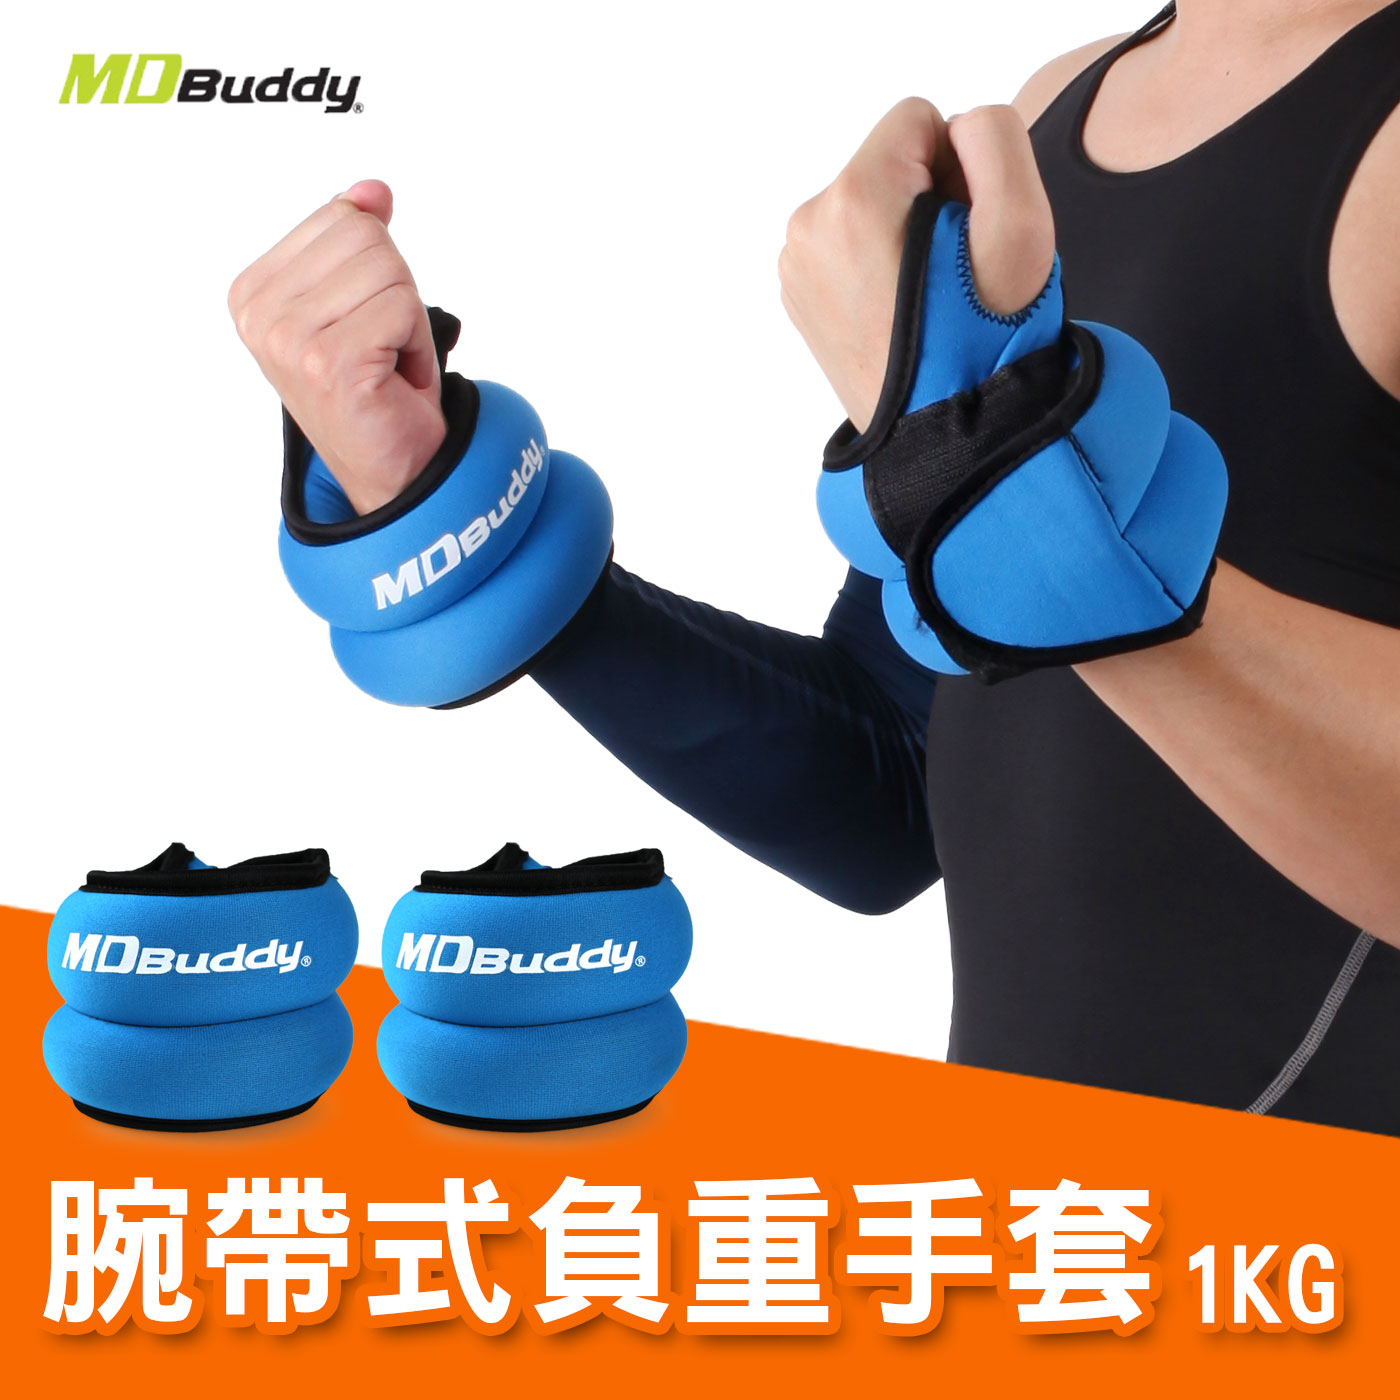 MDBuddy 腕帶式負重手套1KG(一雙) 6022501